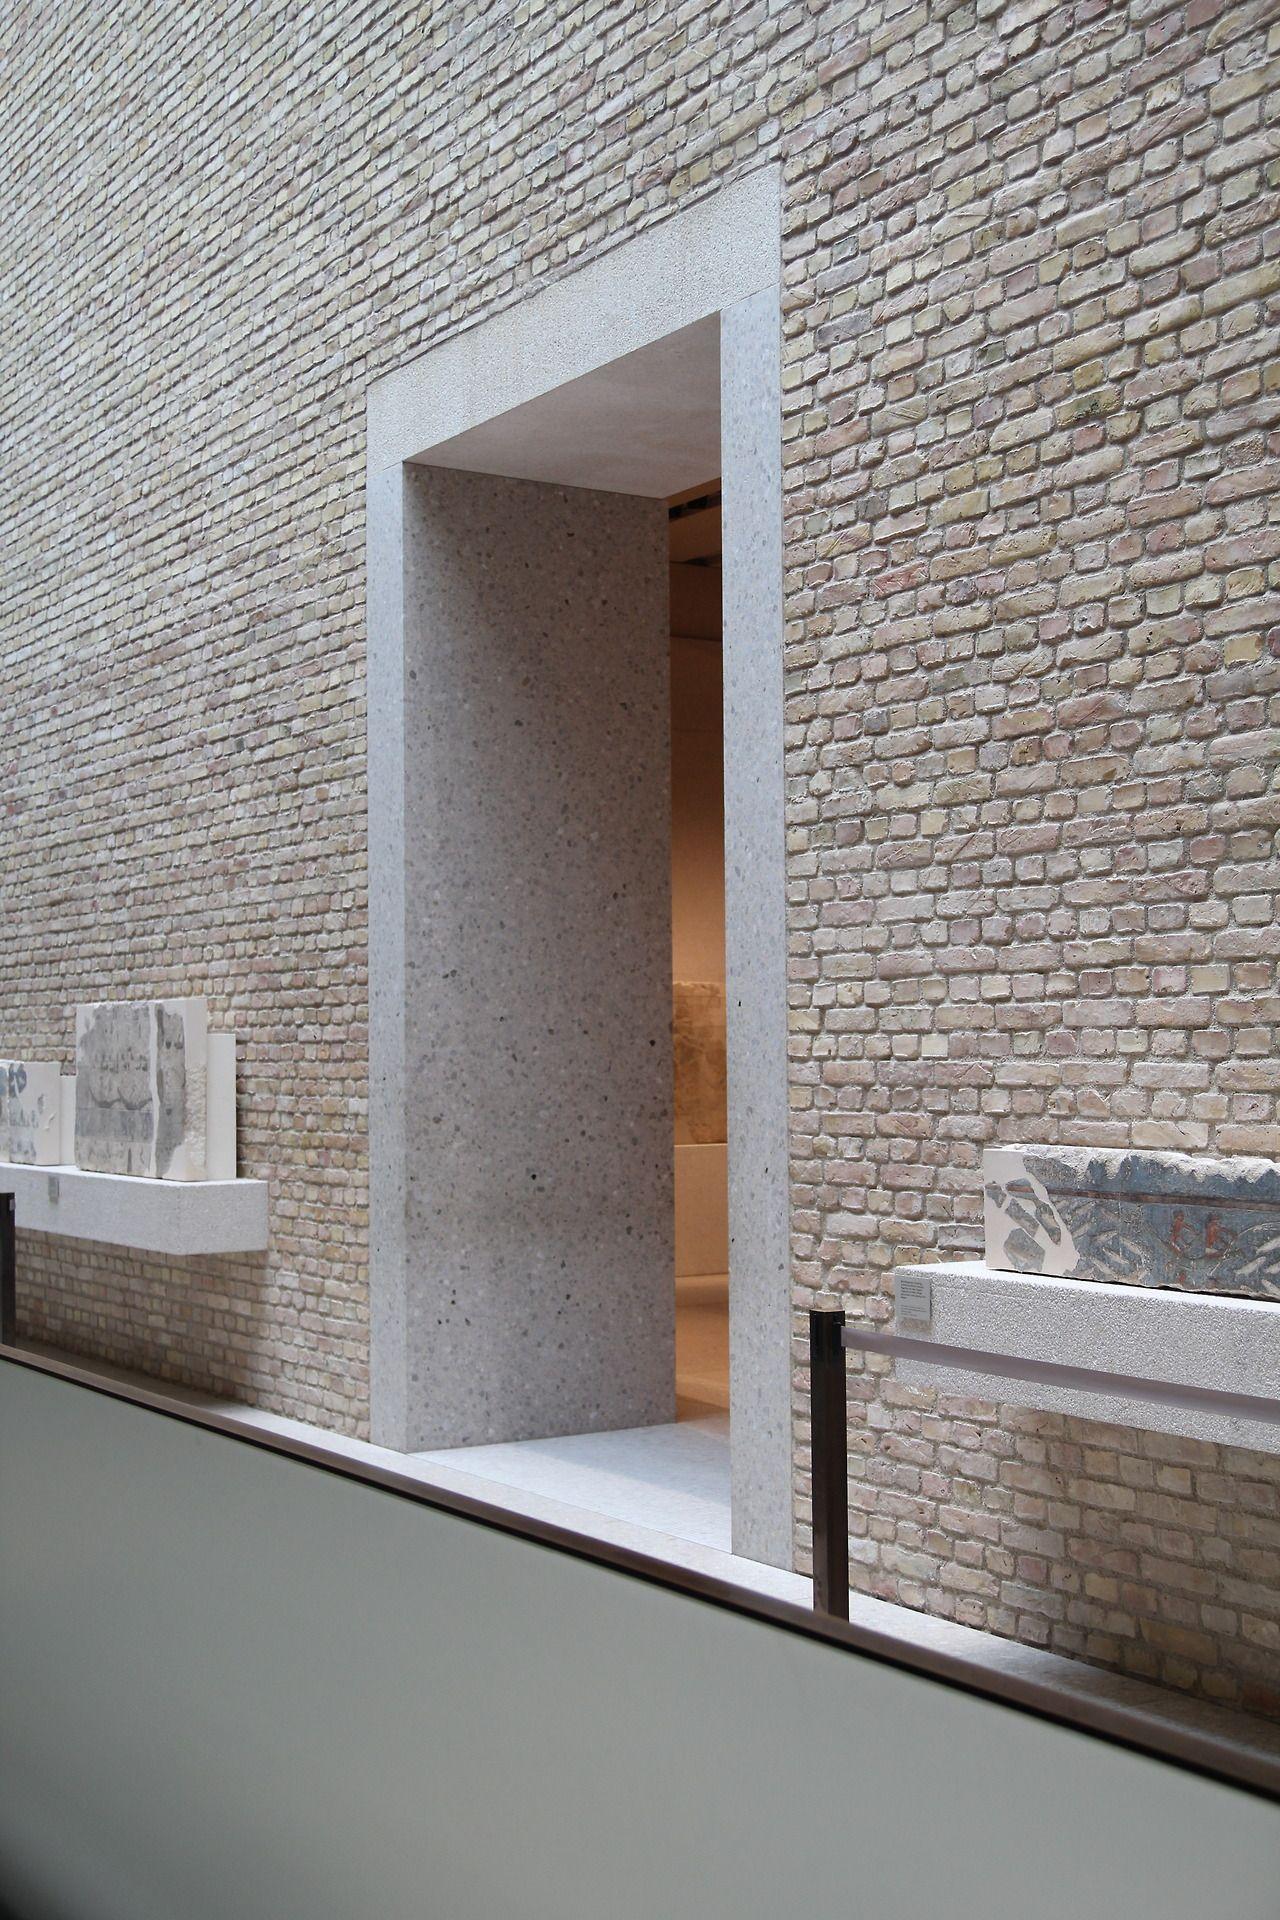 Ladrillos y borde en cemento architecture arquitectura ladrillo y arquitectura contempor nea - Ladrillo visto interior ...